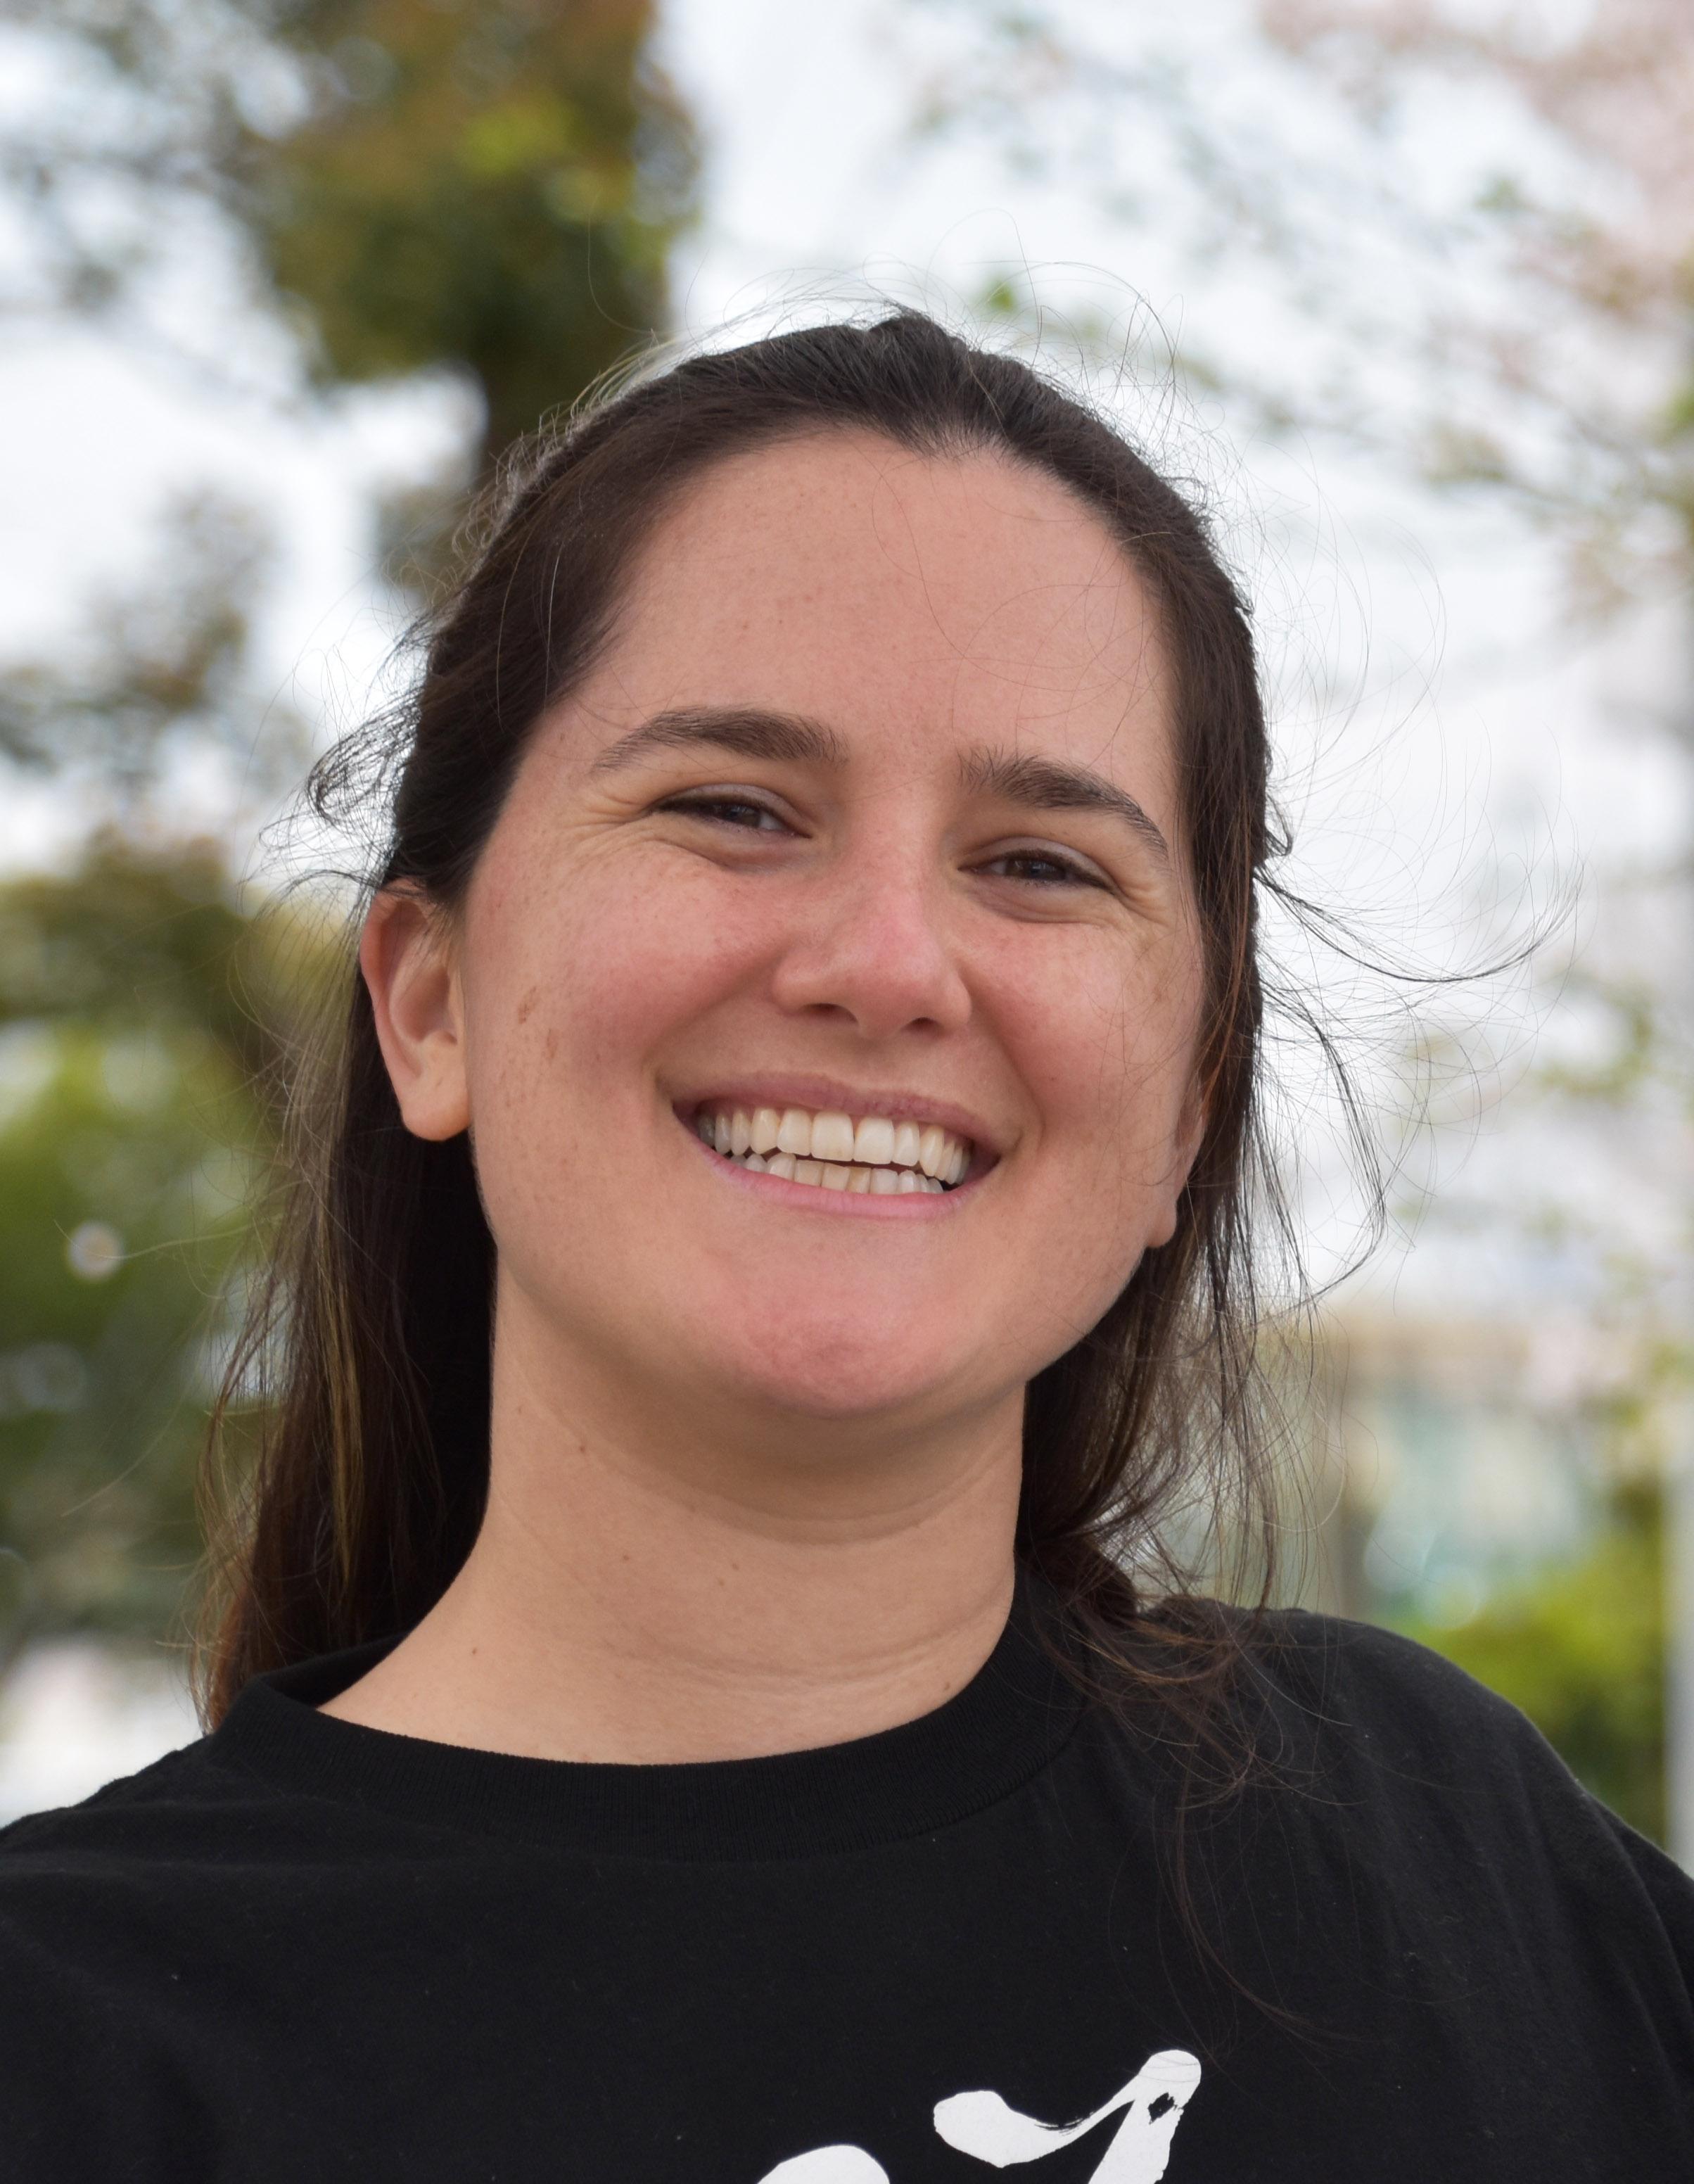 Carolina Quiros Marten